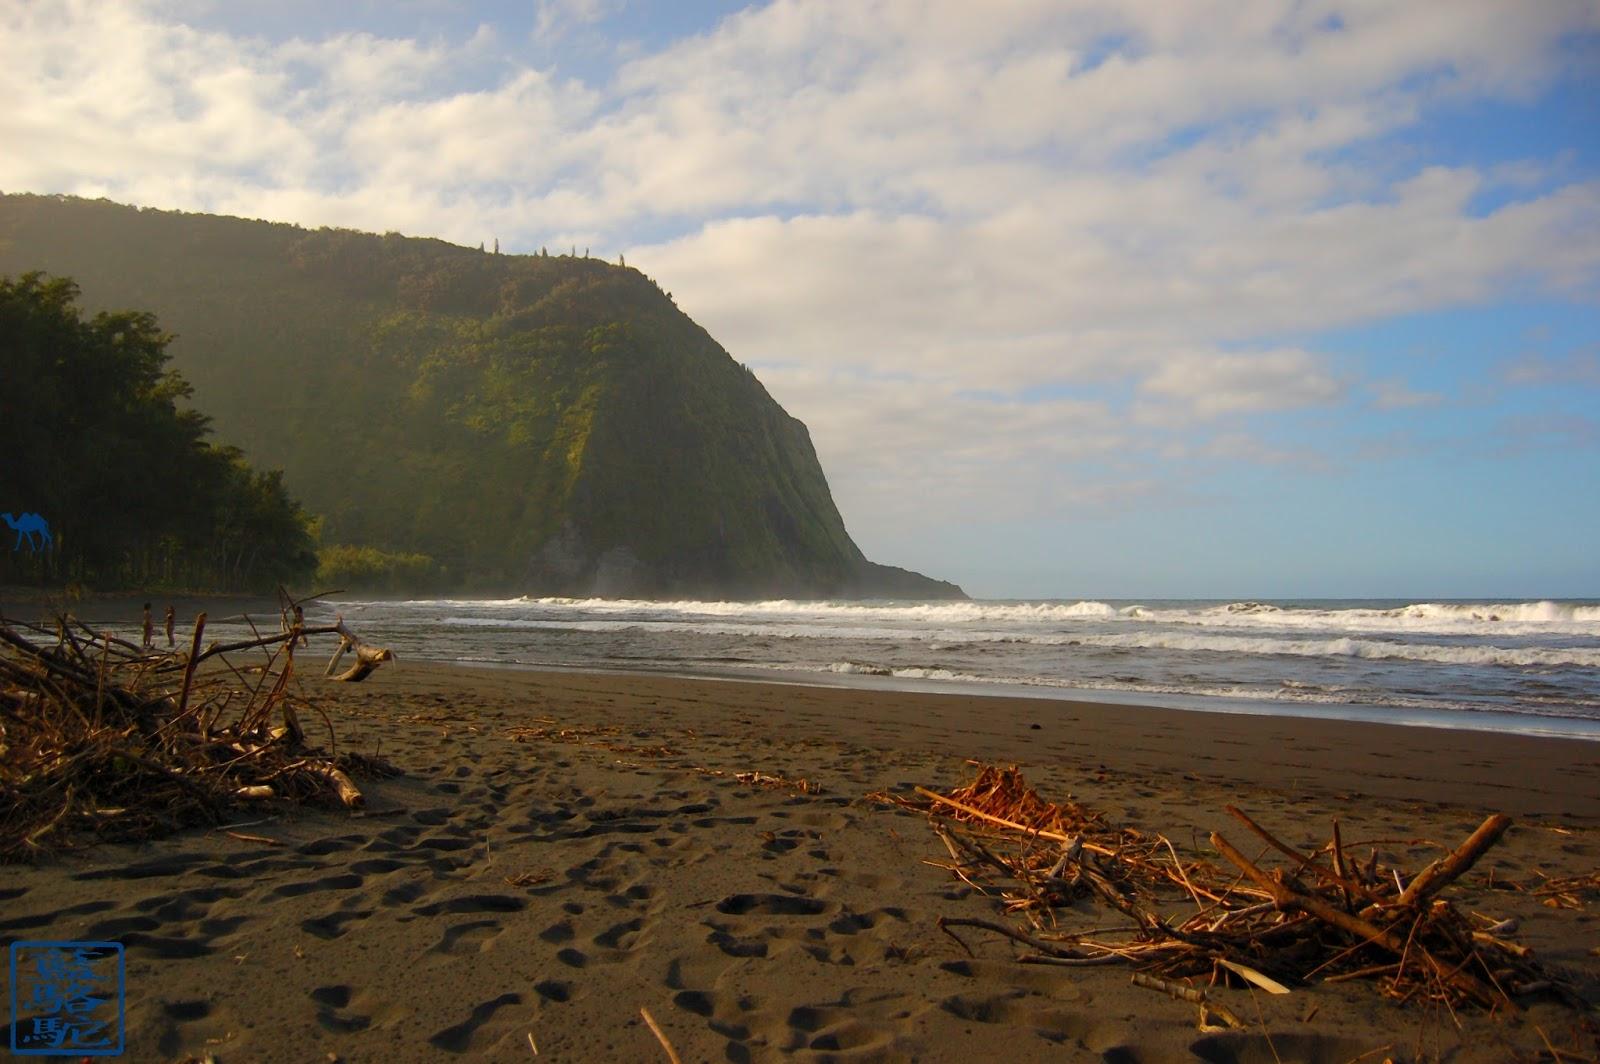 Le Chameau Bleu - Blog Voyage Hawaii -Instantanés Hawaïens - Plage de sable noir